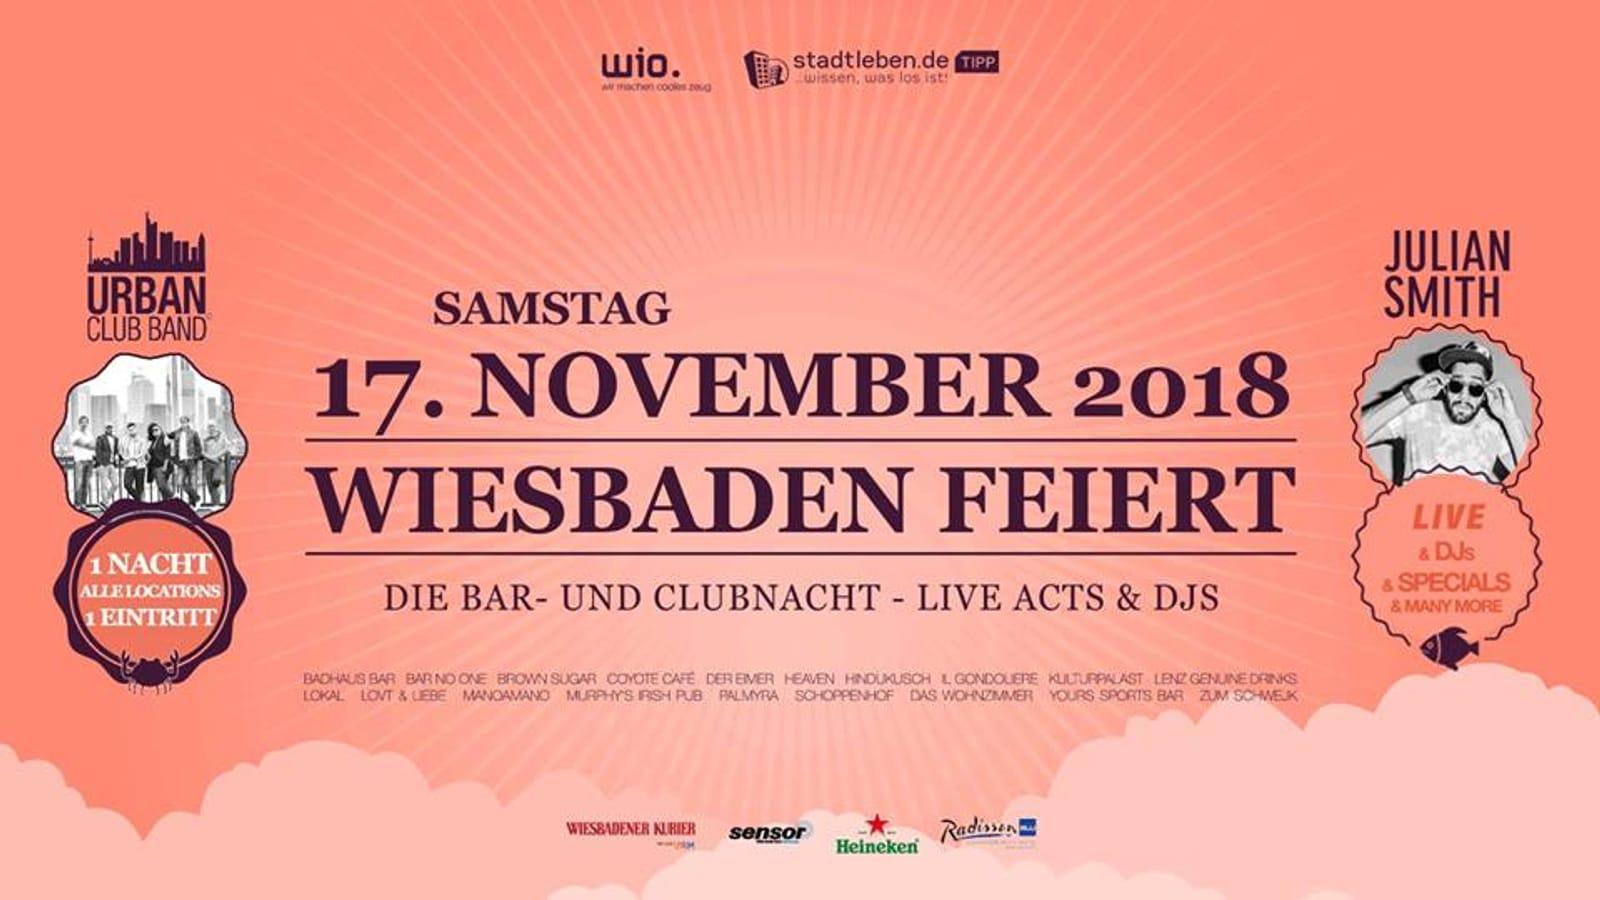 Wiesbaden feiert 2018